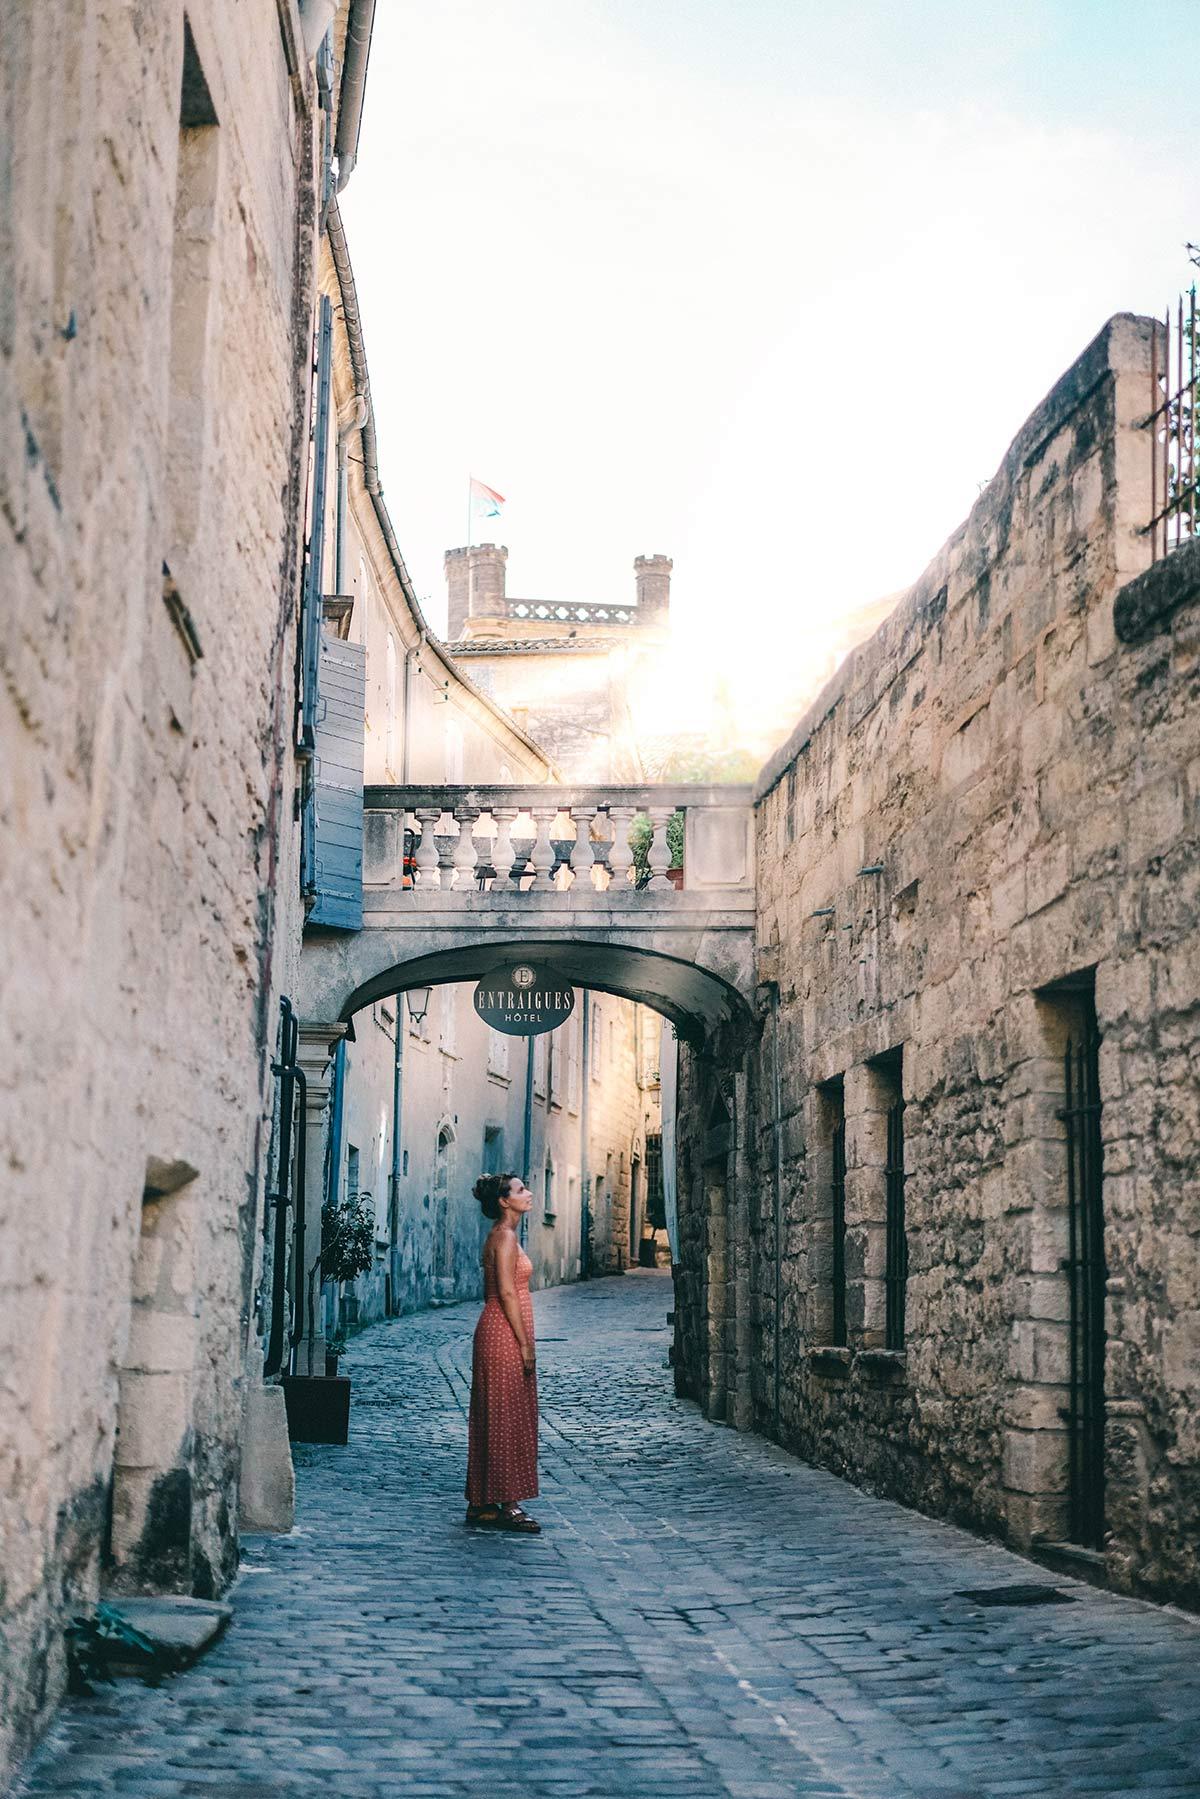 Stadt Uzes in Frankreich